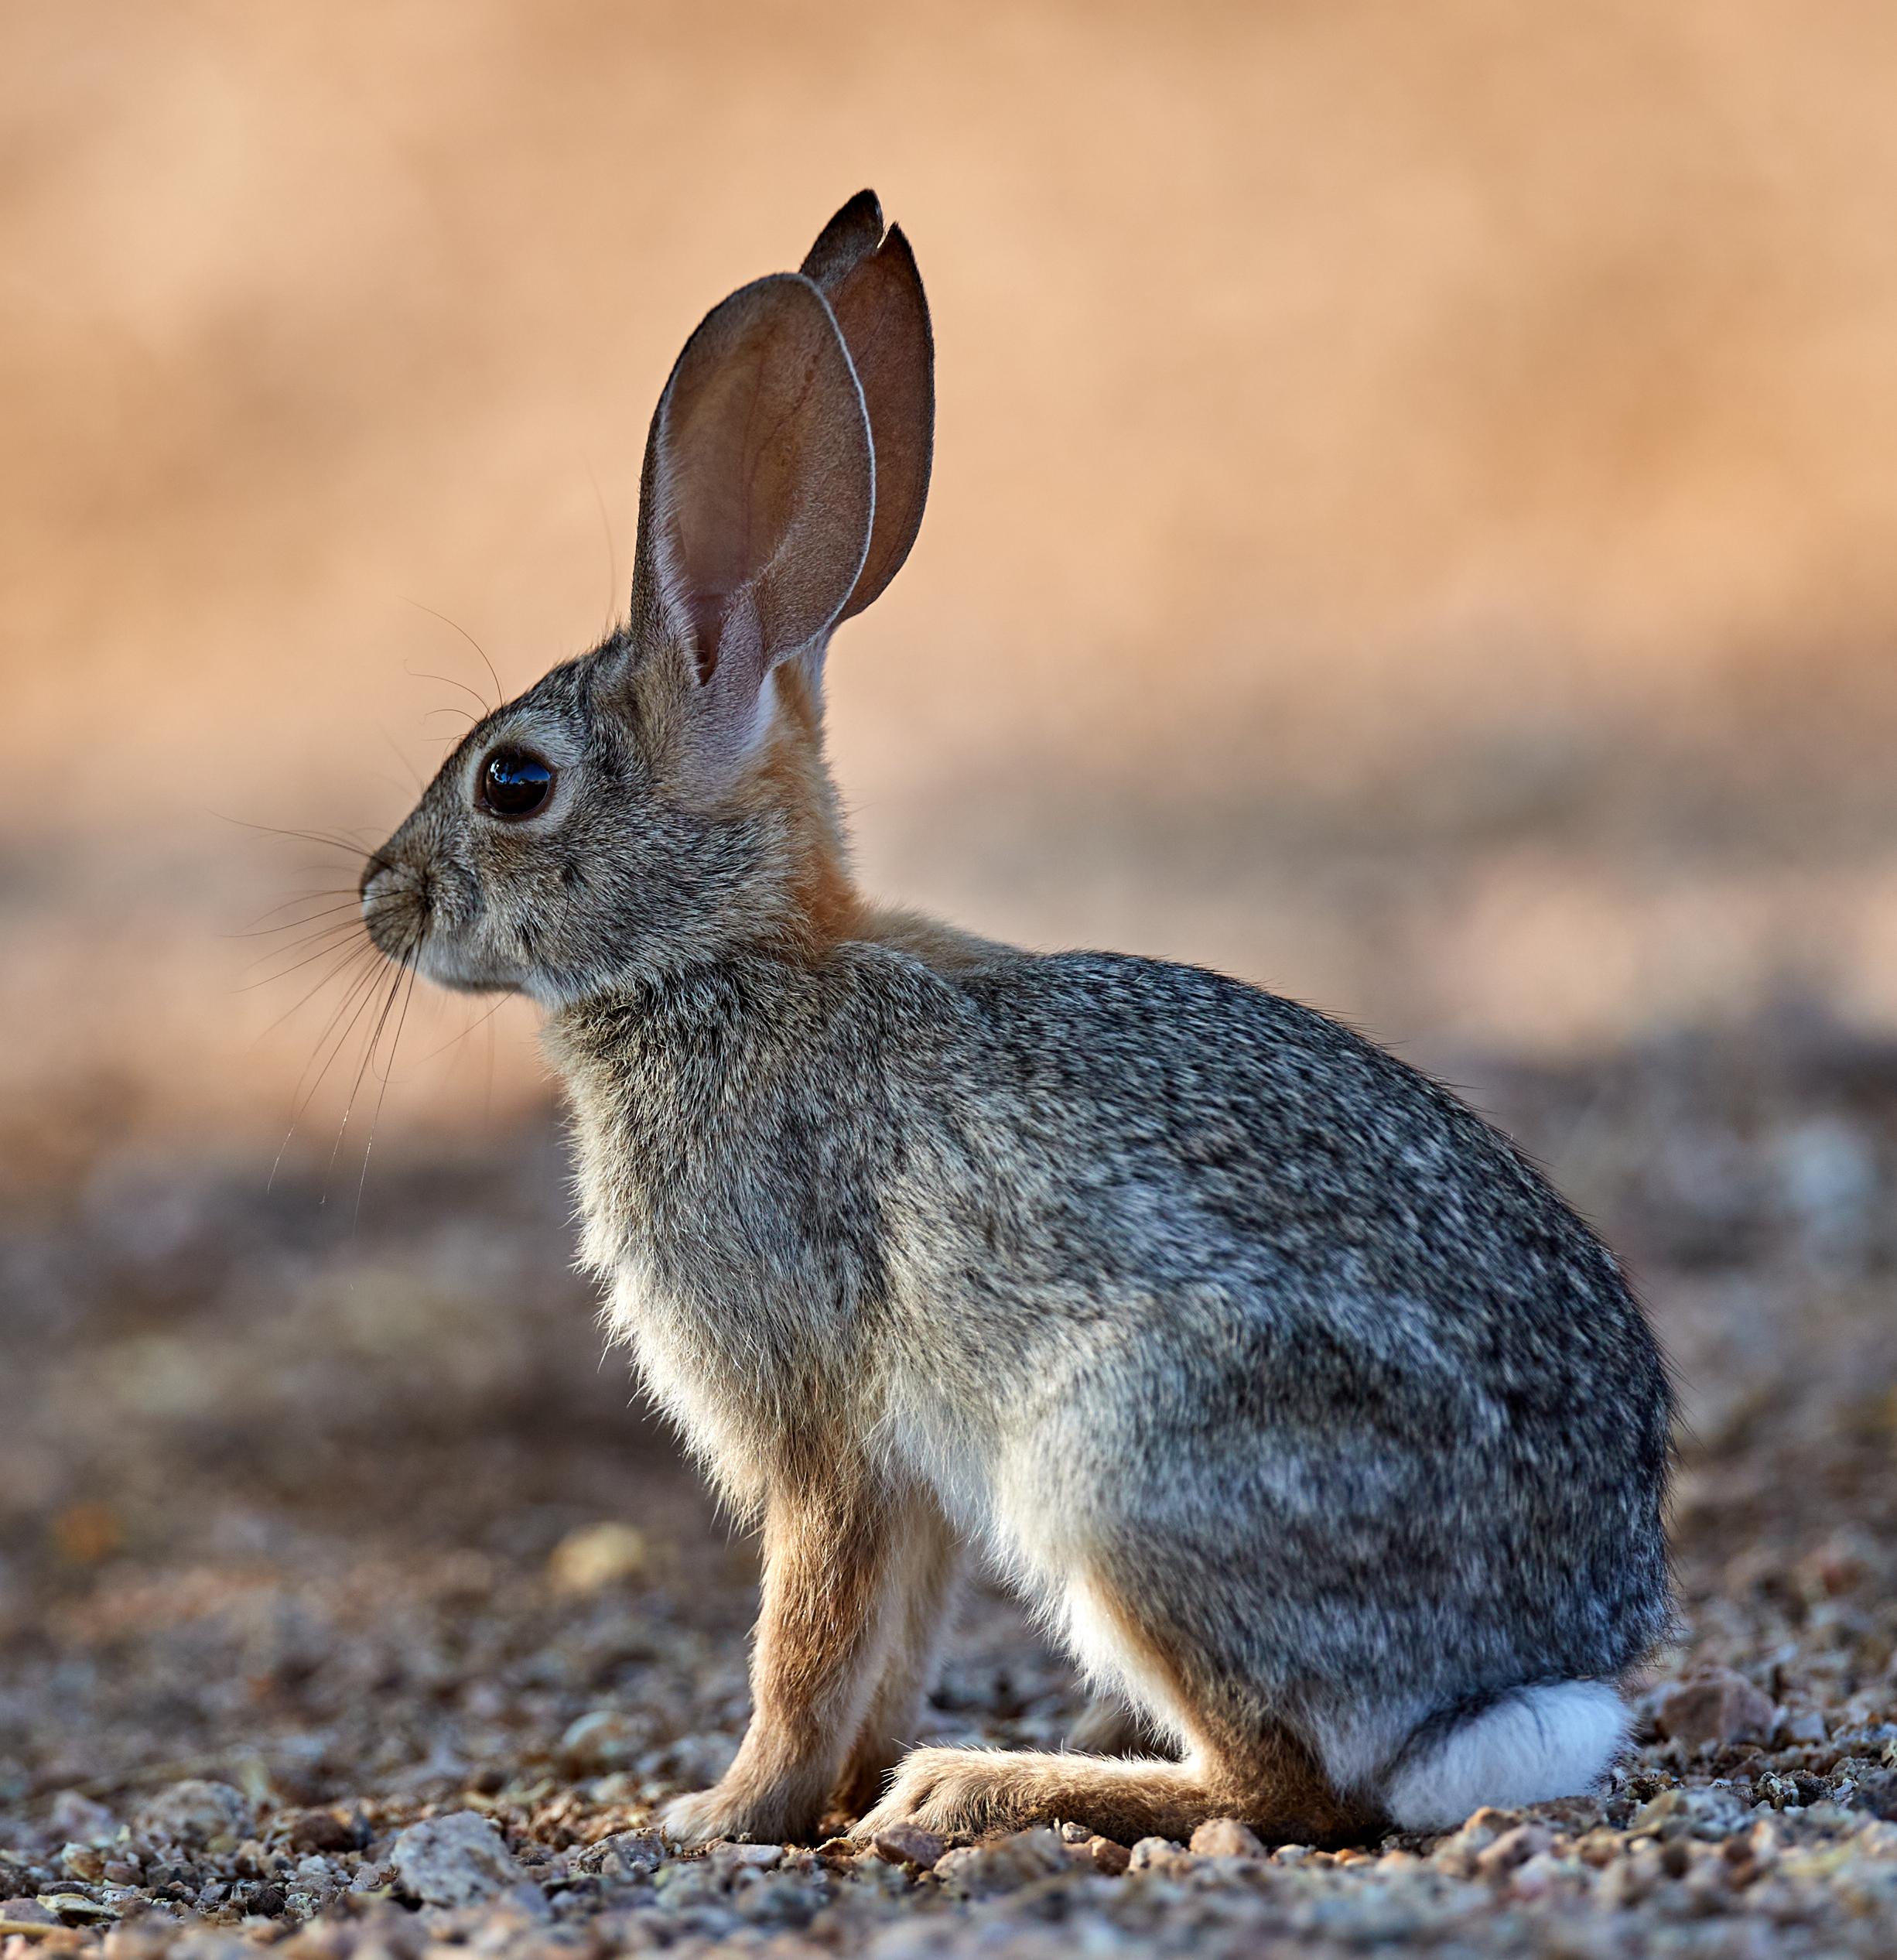 110466 скачать обои Животные, Кролик, Животное, Пушистый, Профиль - заставки и картинки бесплатно